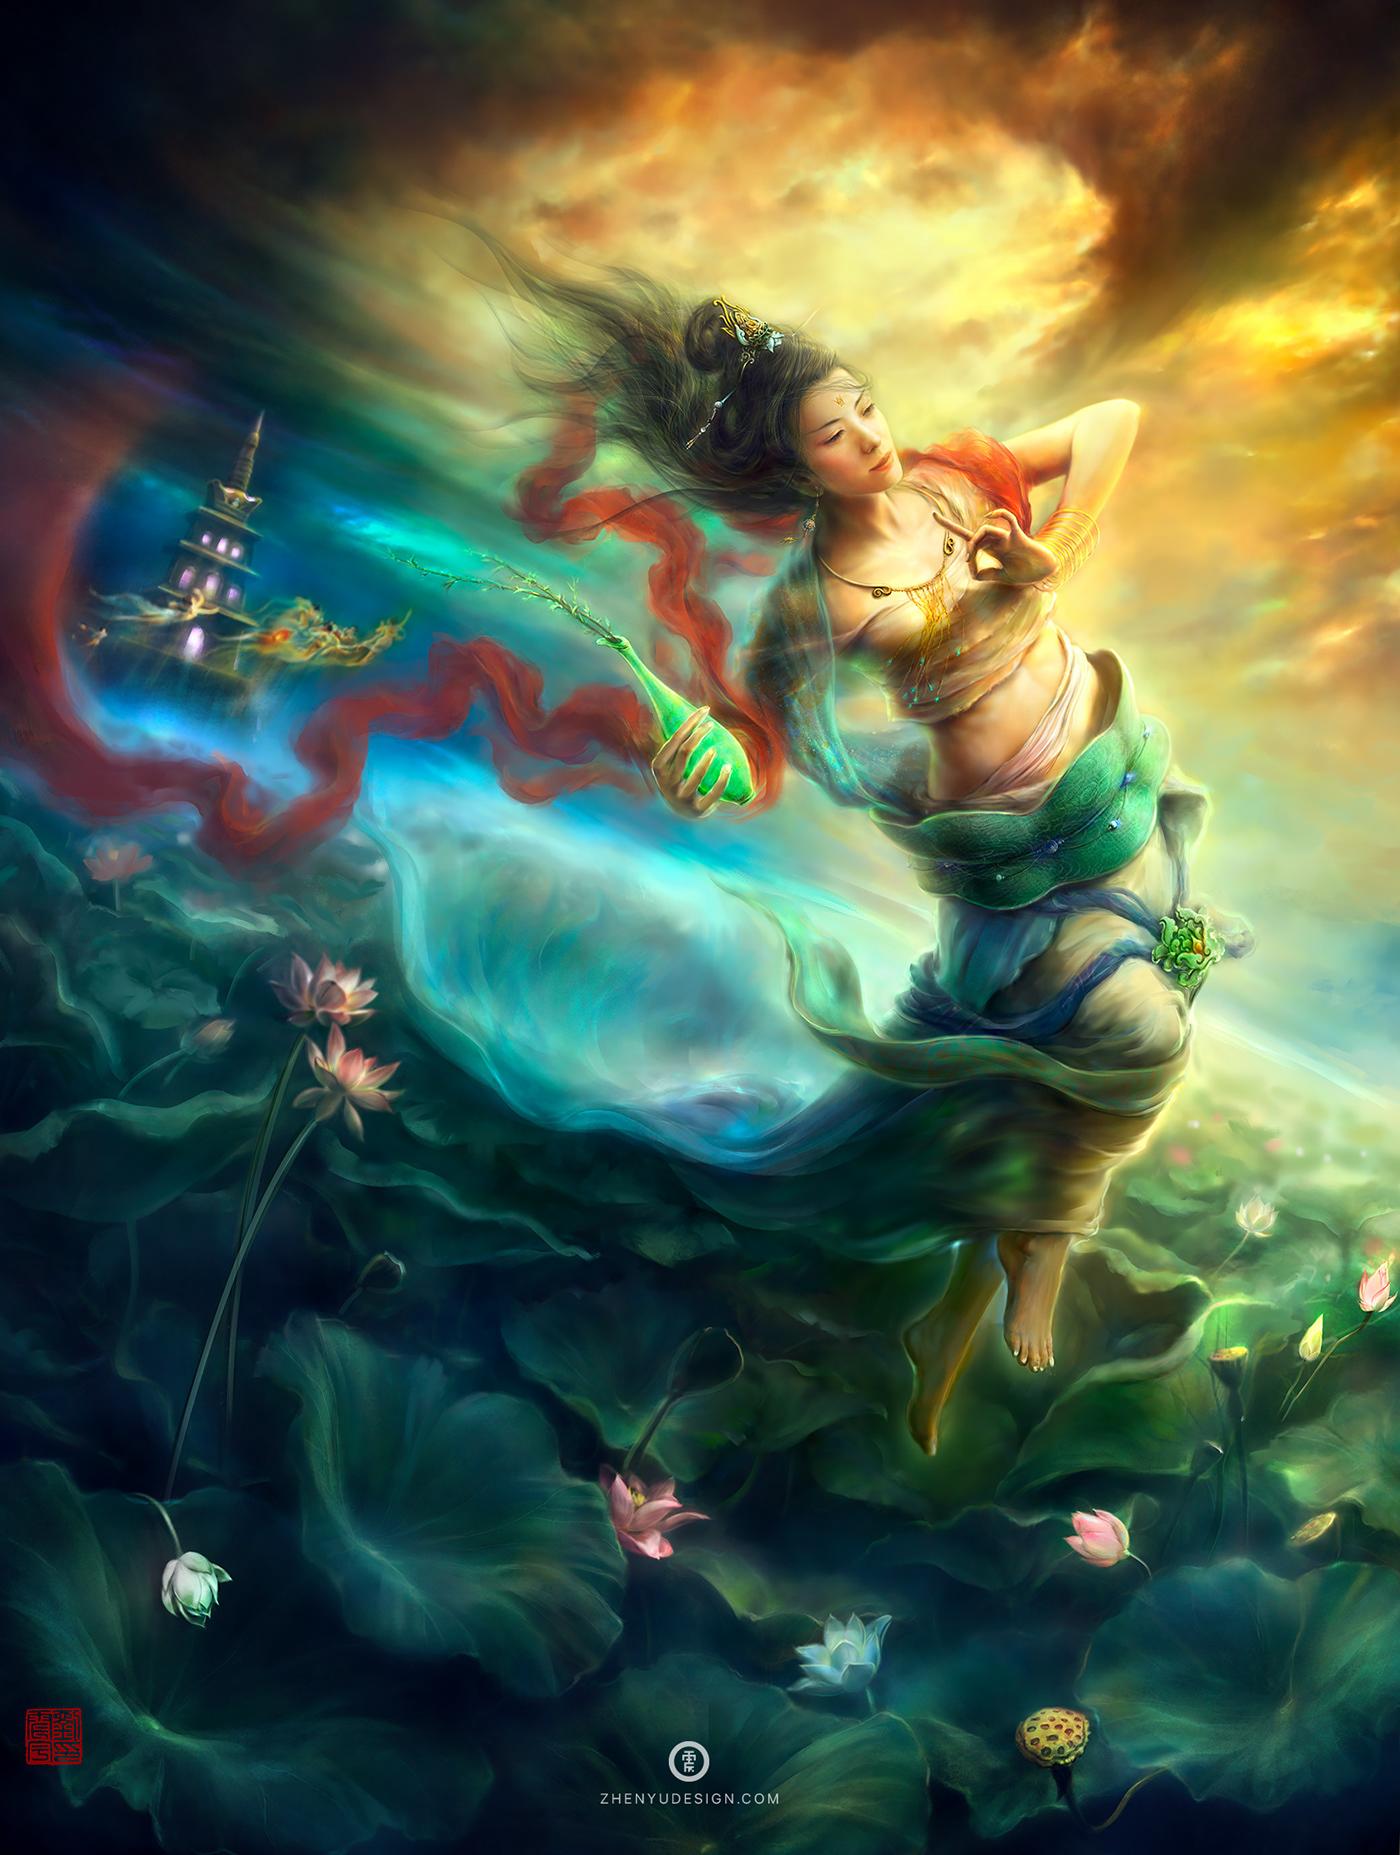 Image may contain: cartoon, screenshot and fantasy